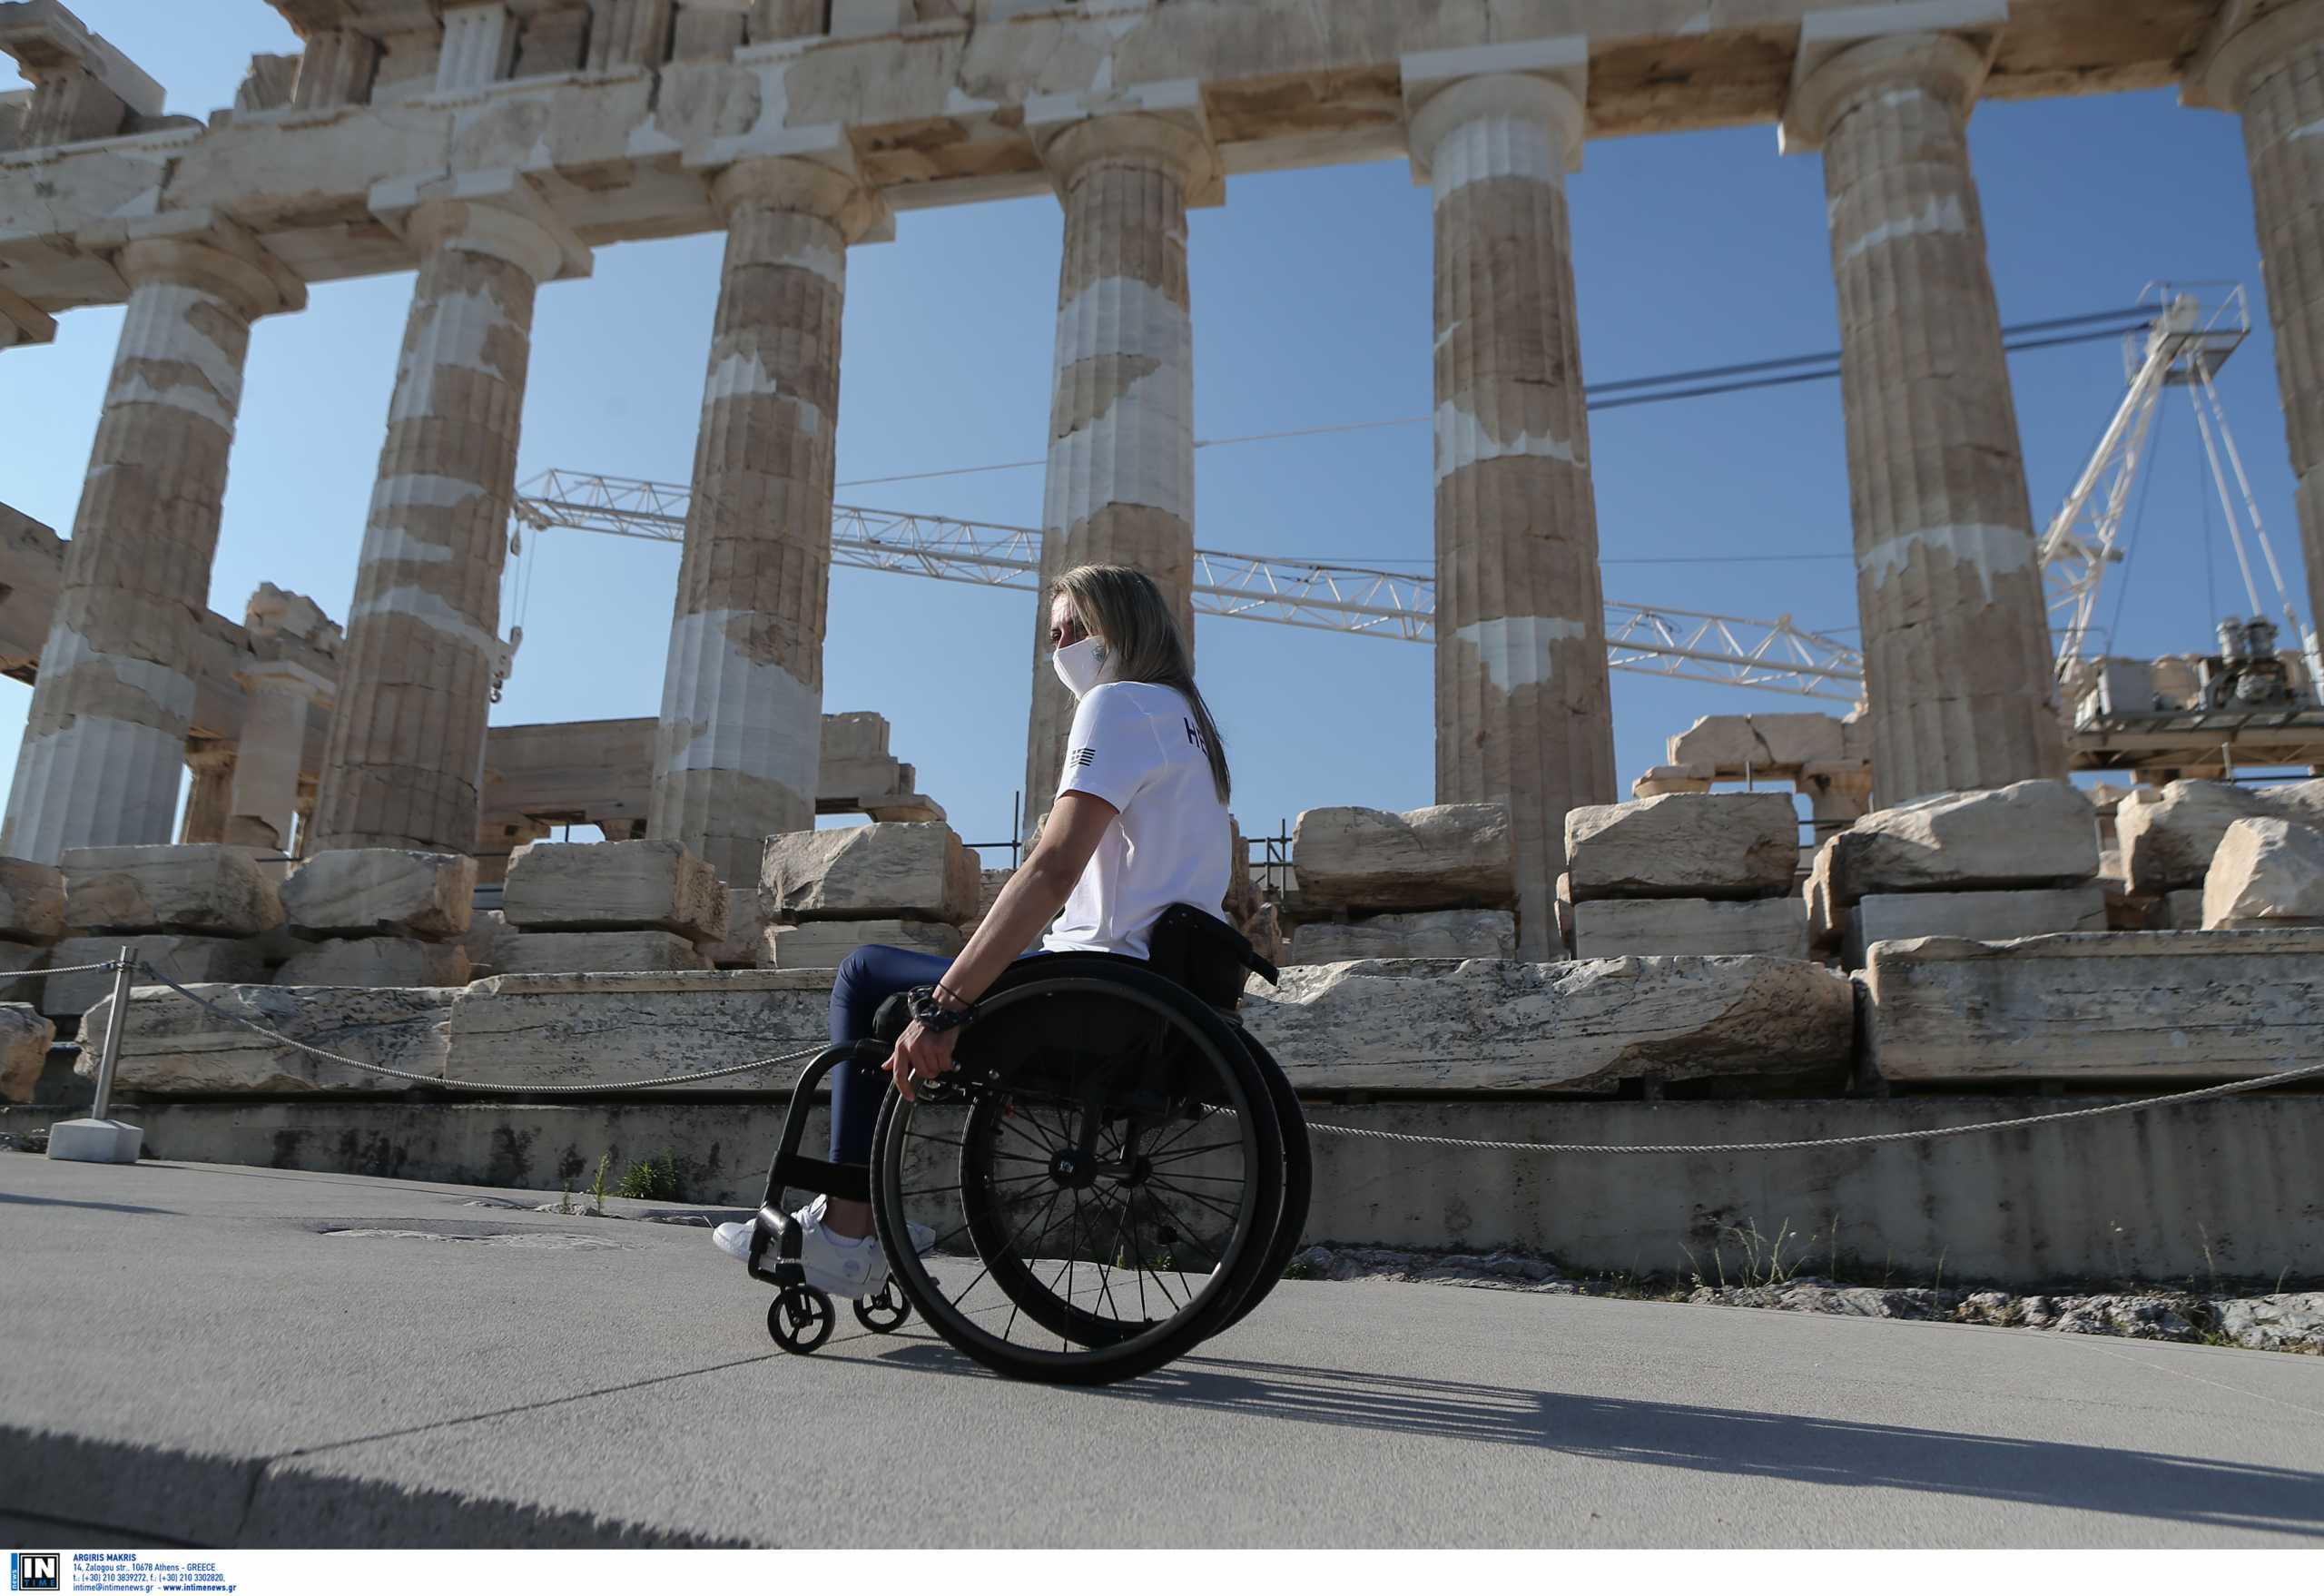 Κυριάκος Μητσοτάκης: «Η Ακρόπολη είναι πια προσβάσιμη σε όλους»